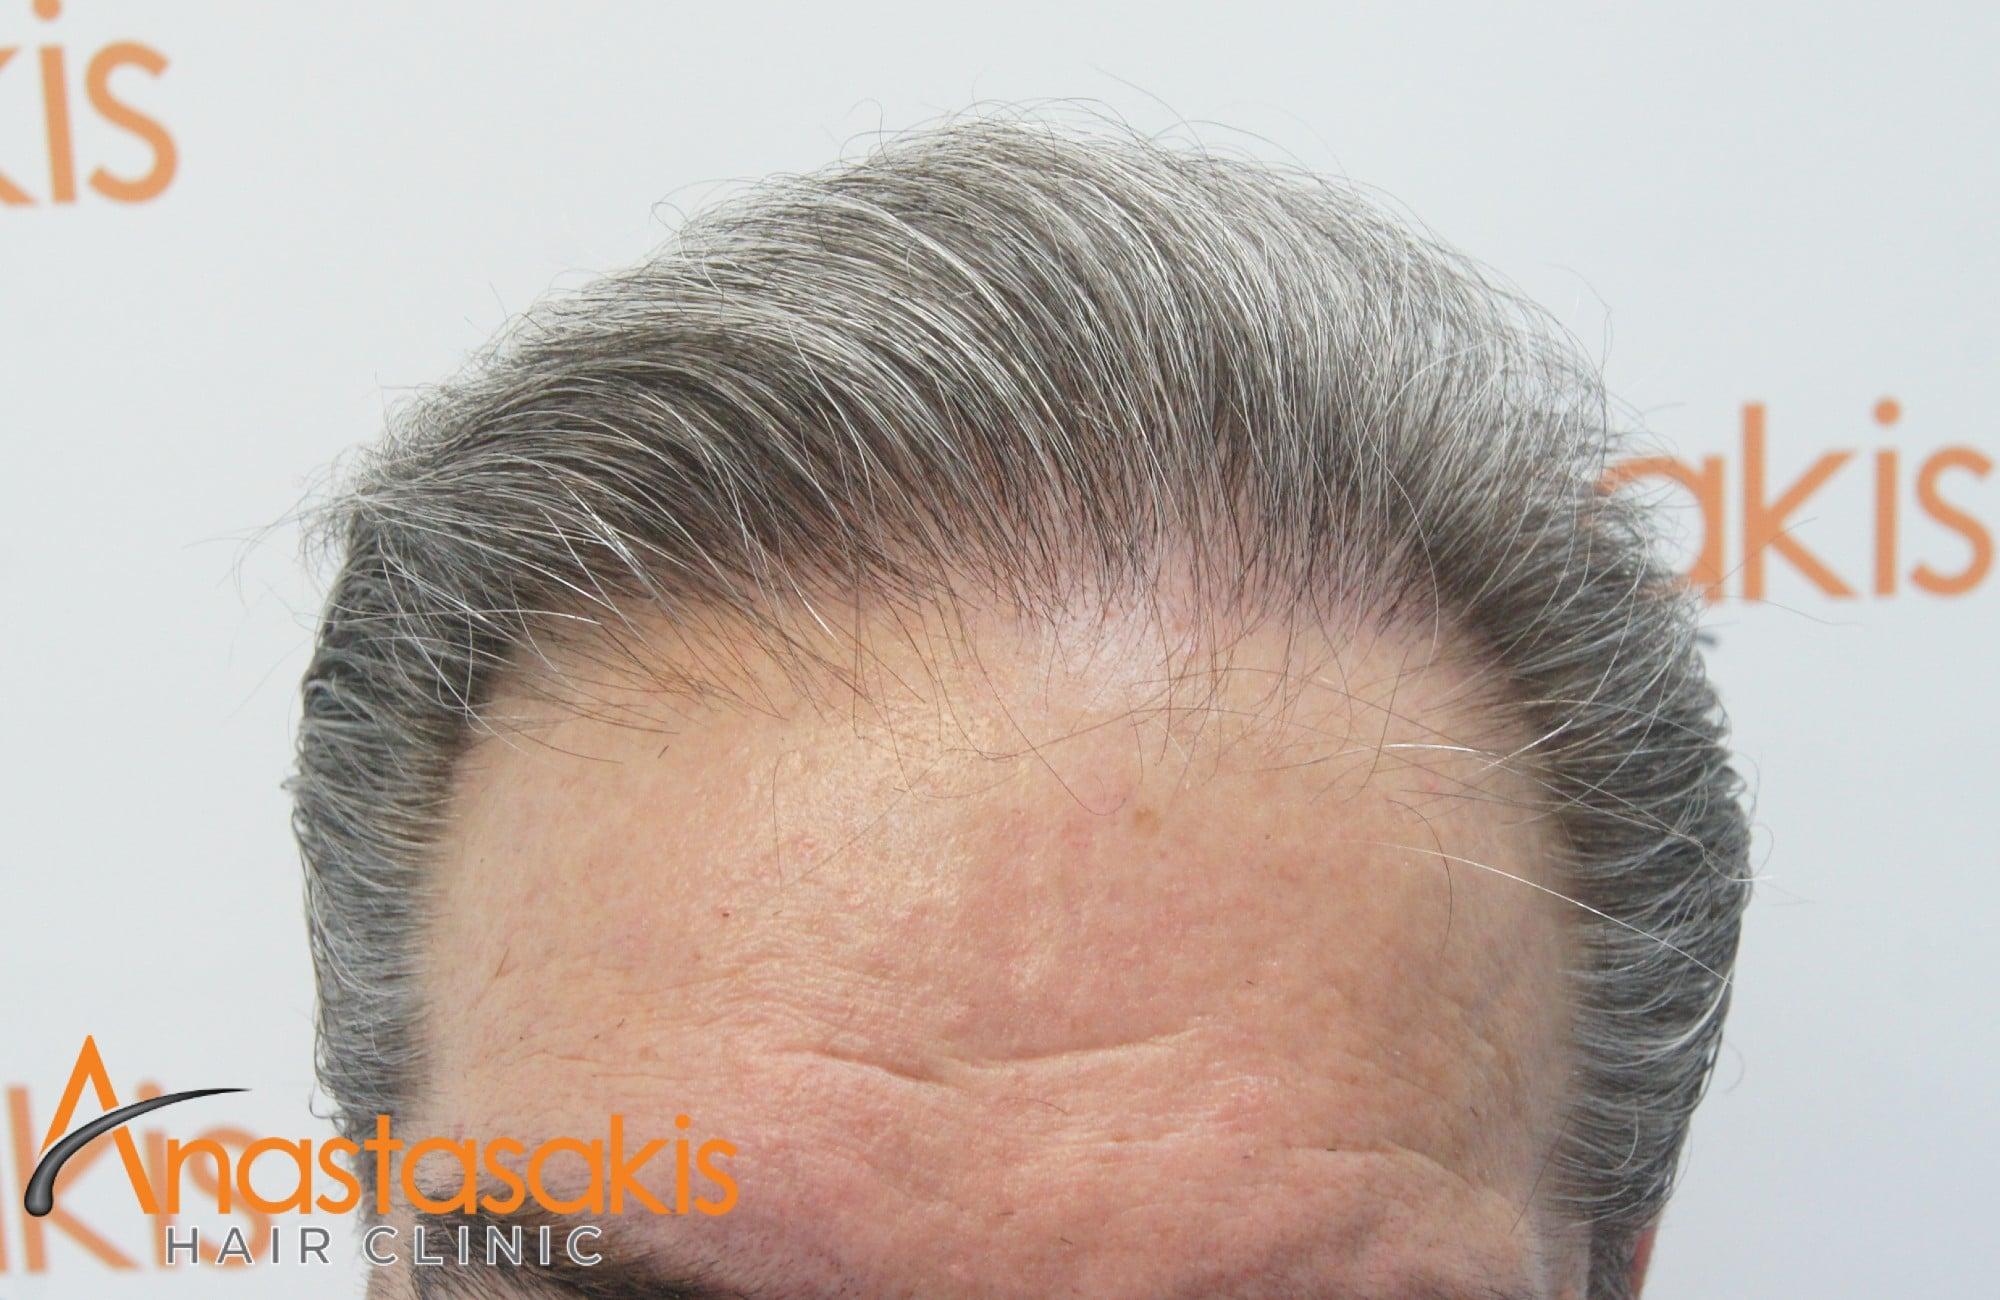 hairline 10 μηνες μετα τη μεταμοσχευση μαλλιων με 4008 fus